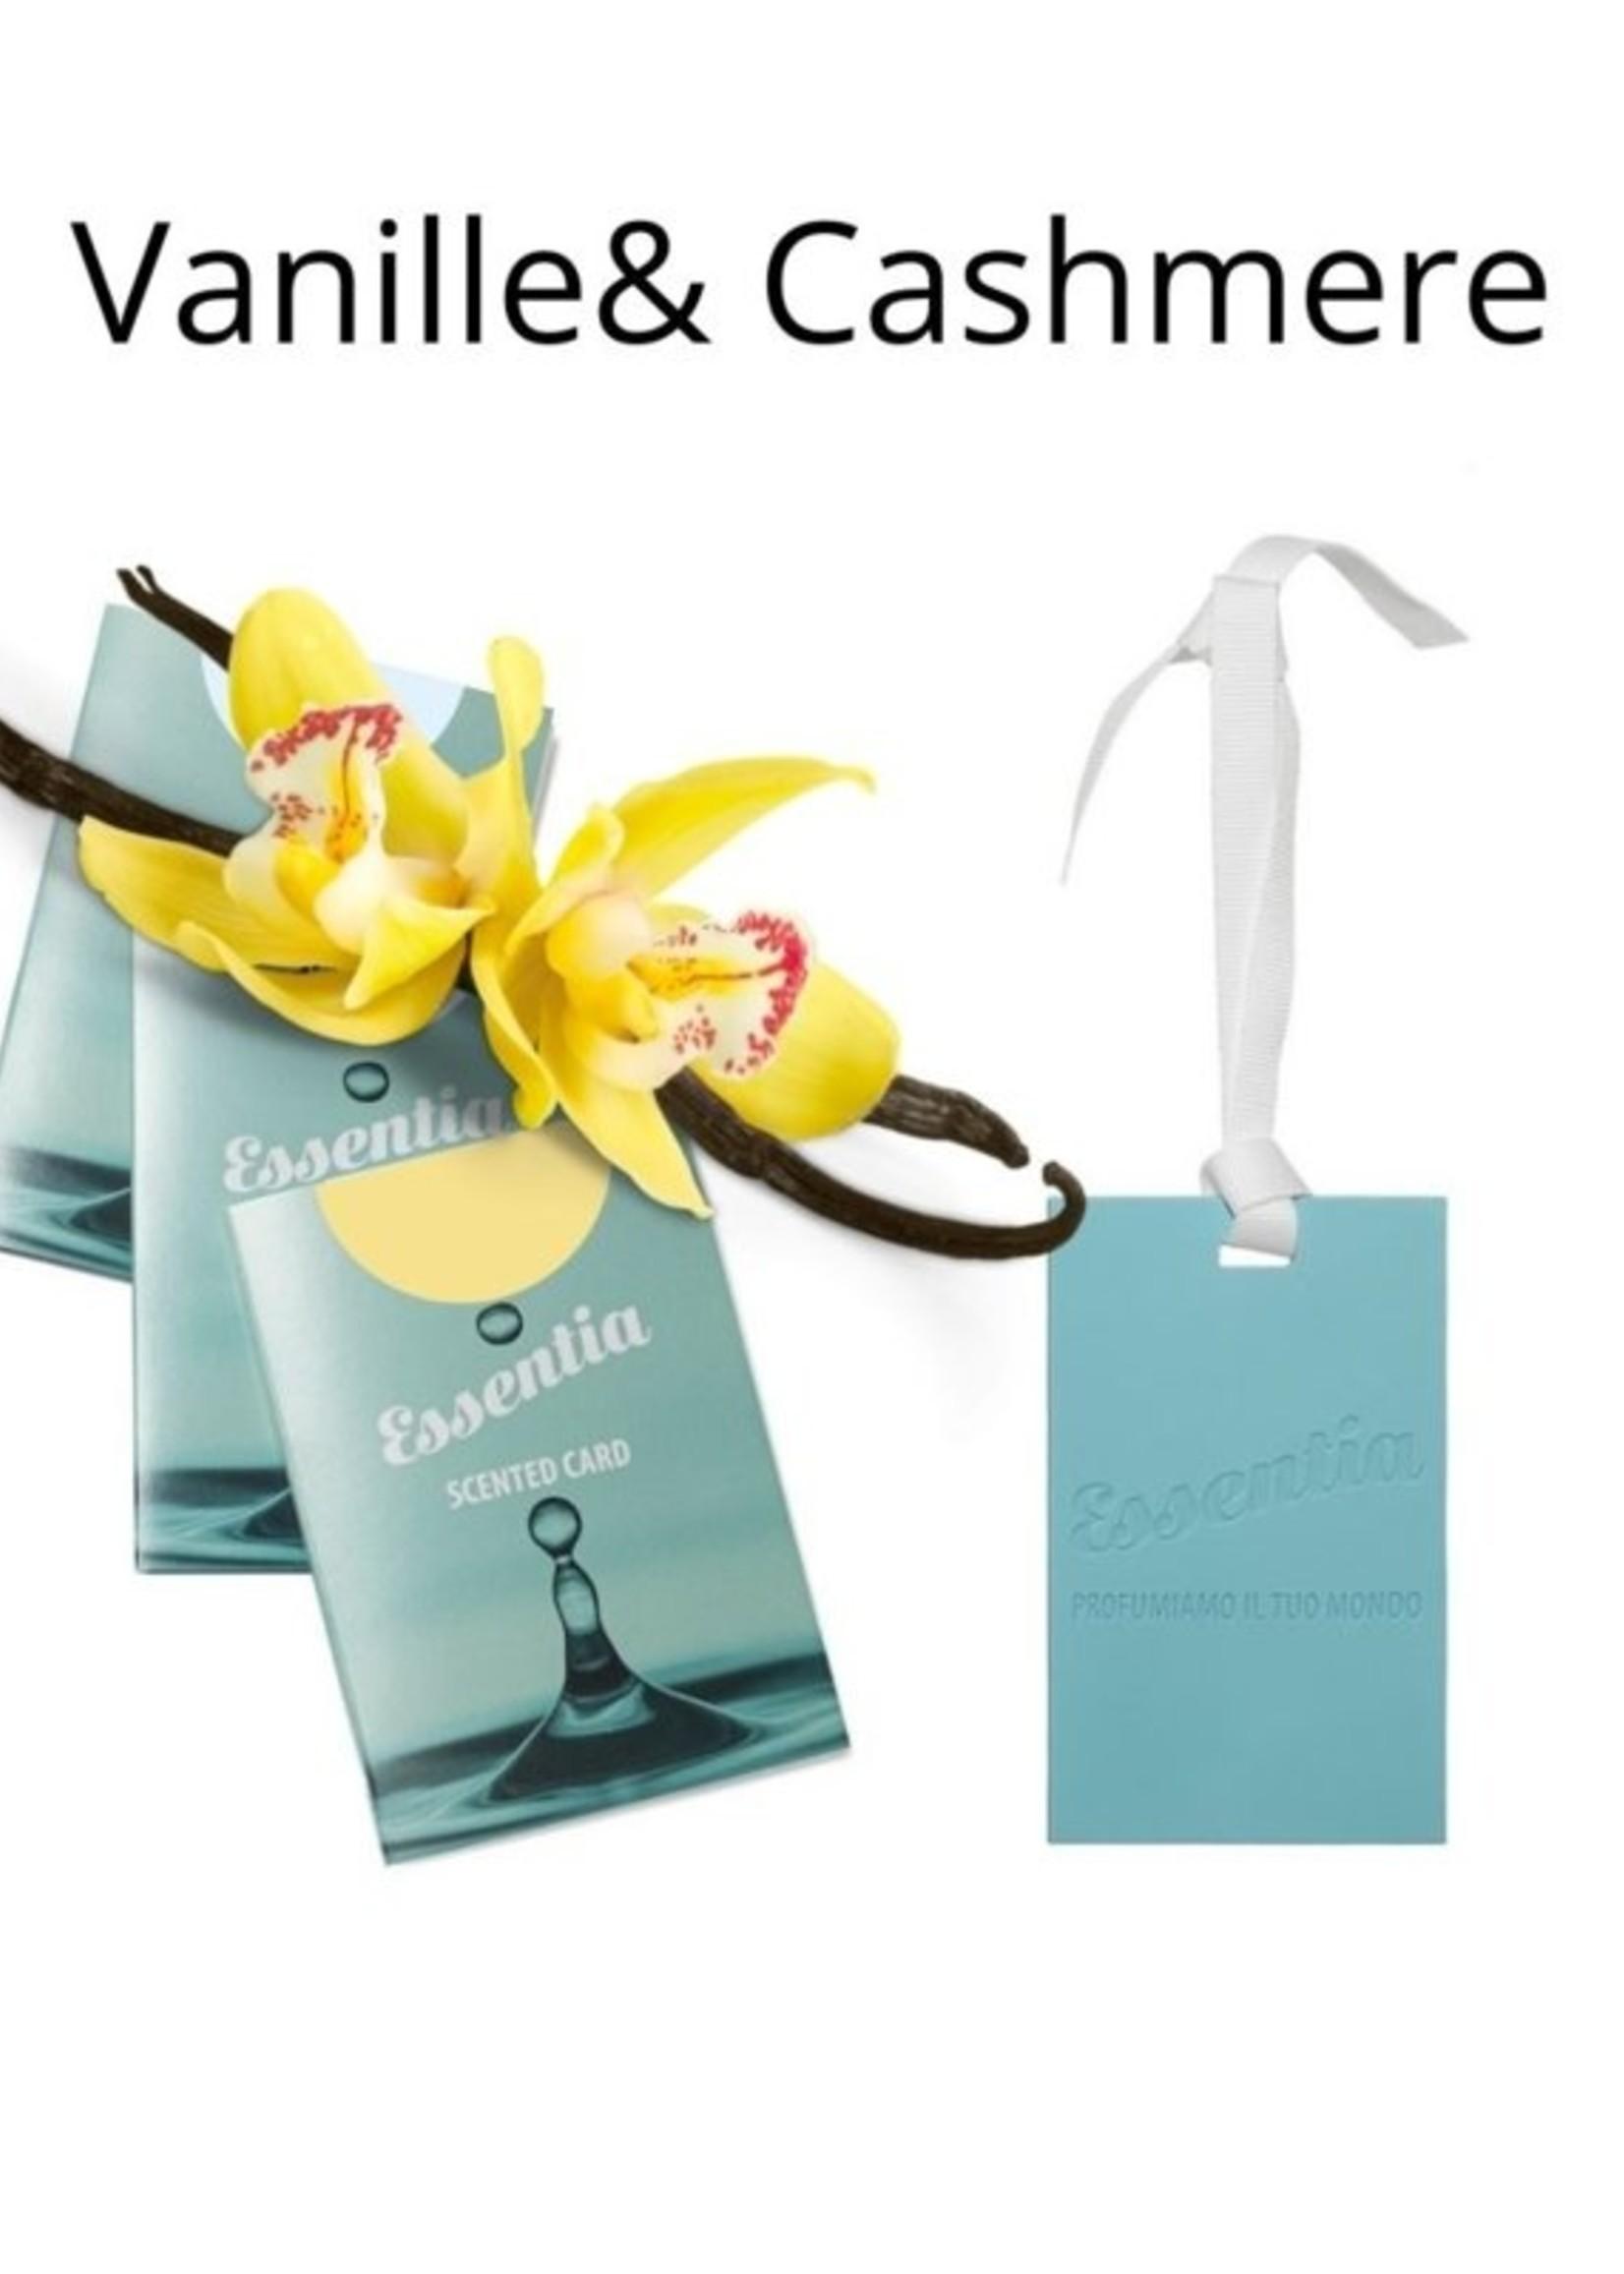 Wasgeluk Geurkaart Vanille met bergamot